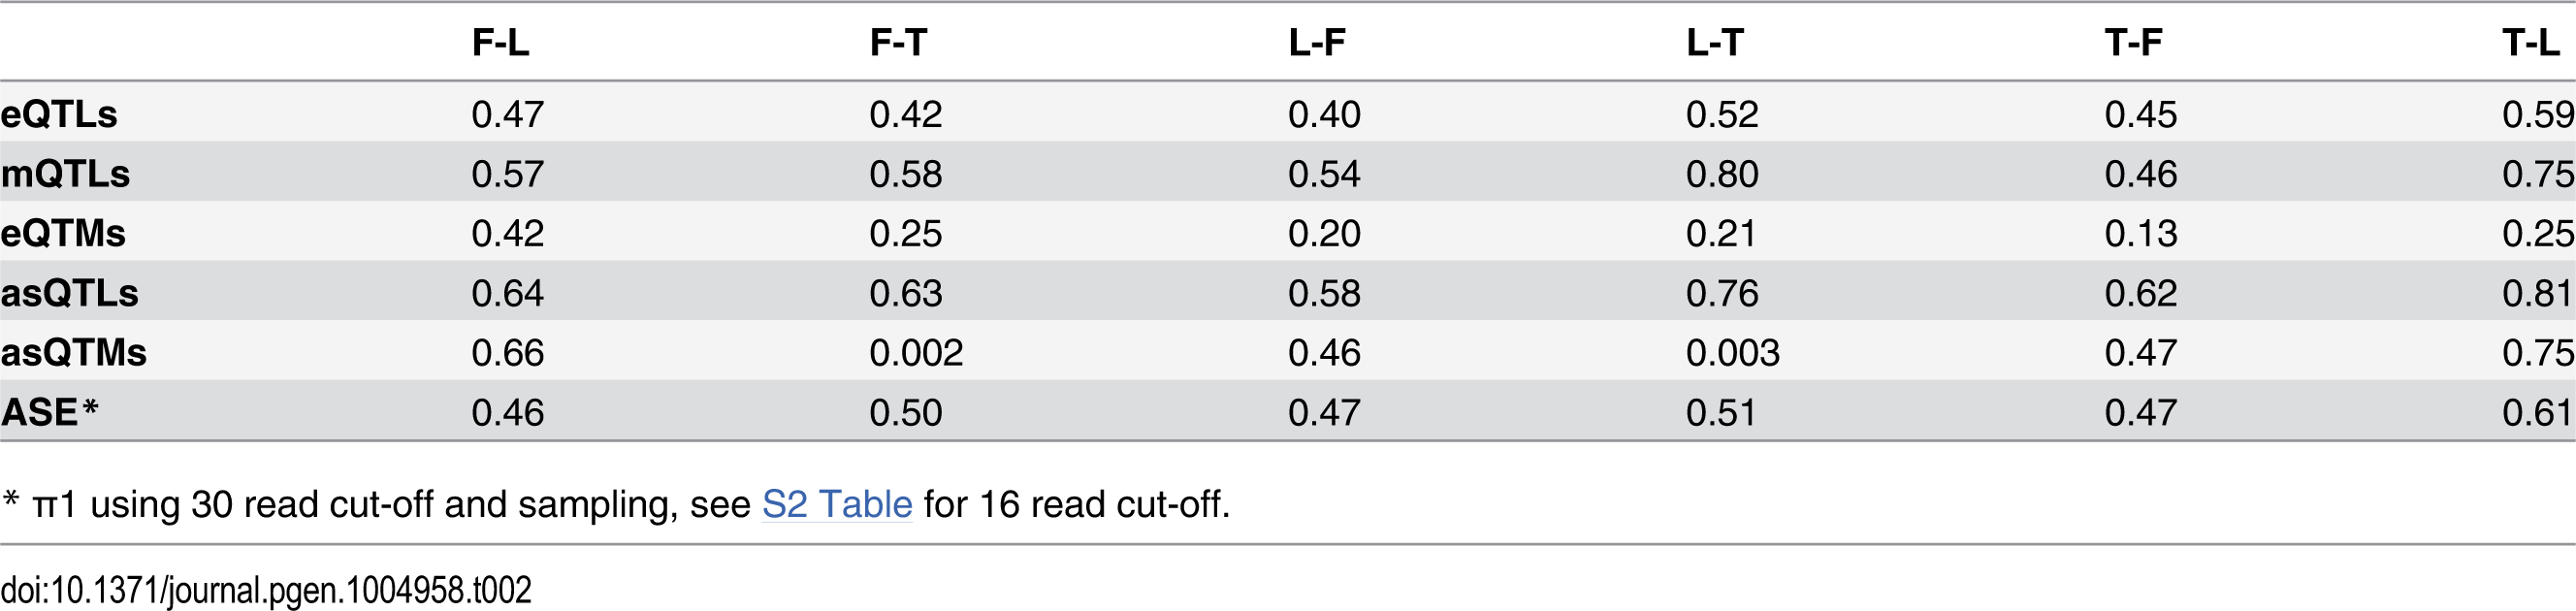 π<sub>1</sub> statistic representing fraction of effects shared between cell-types.